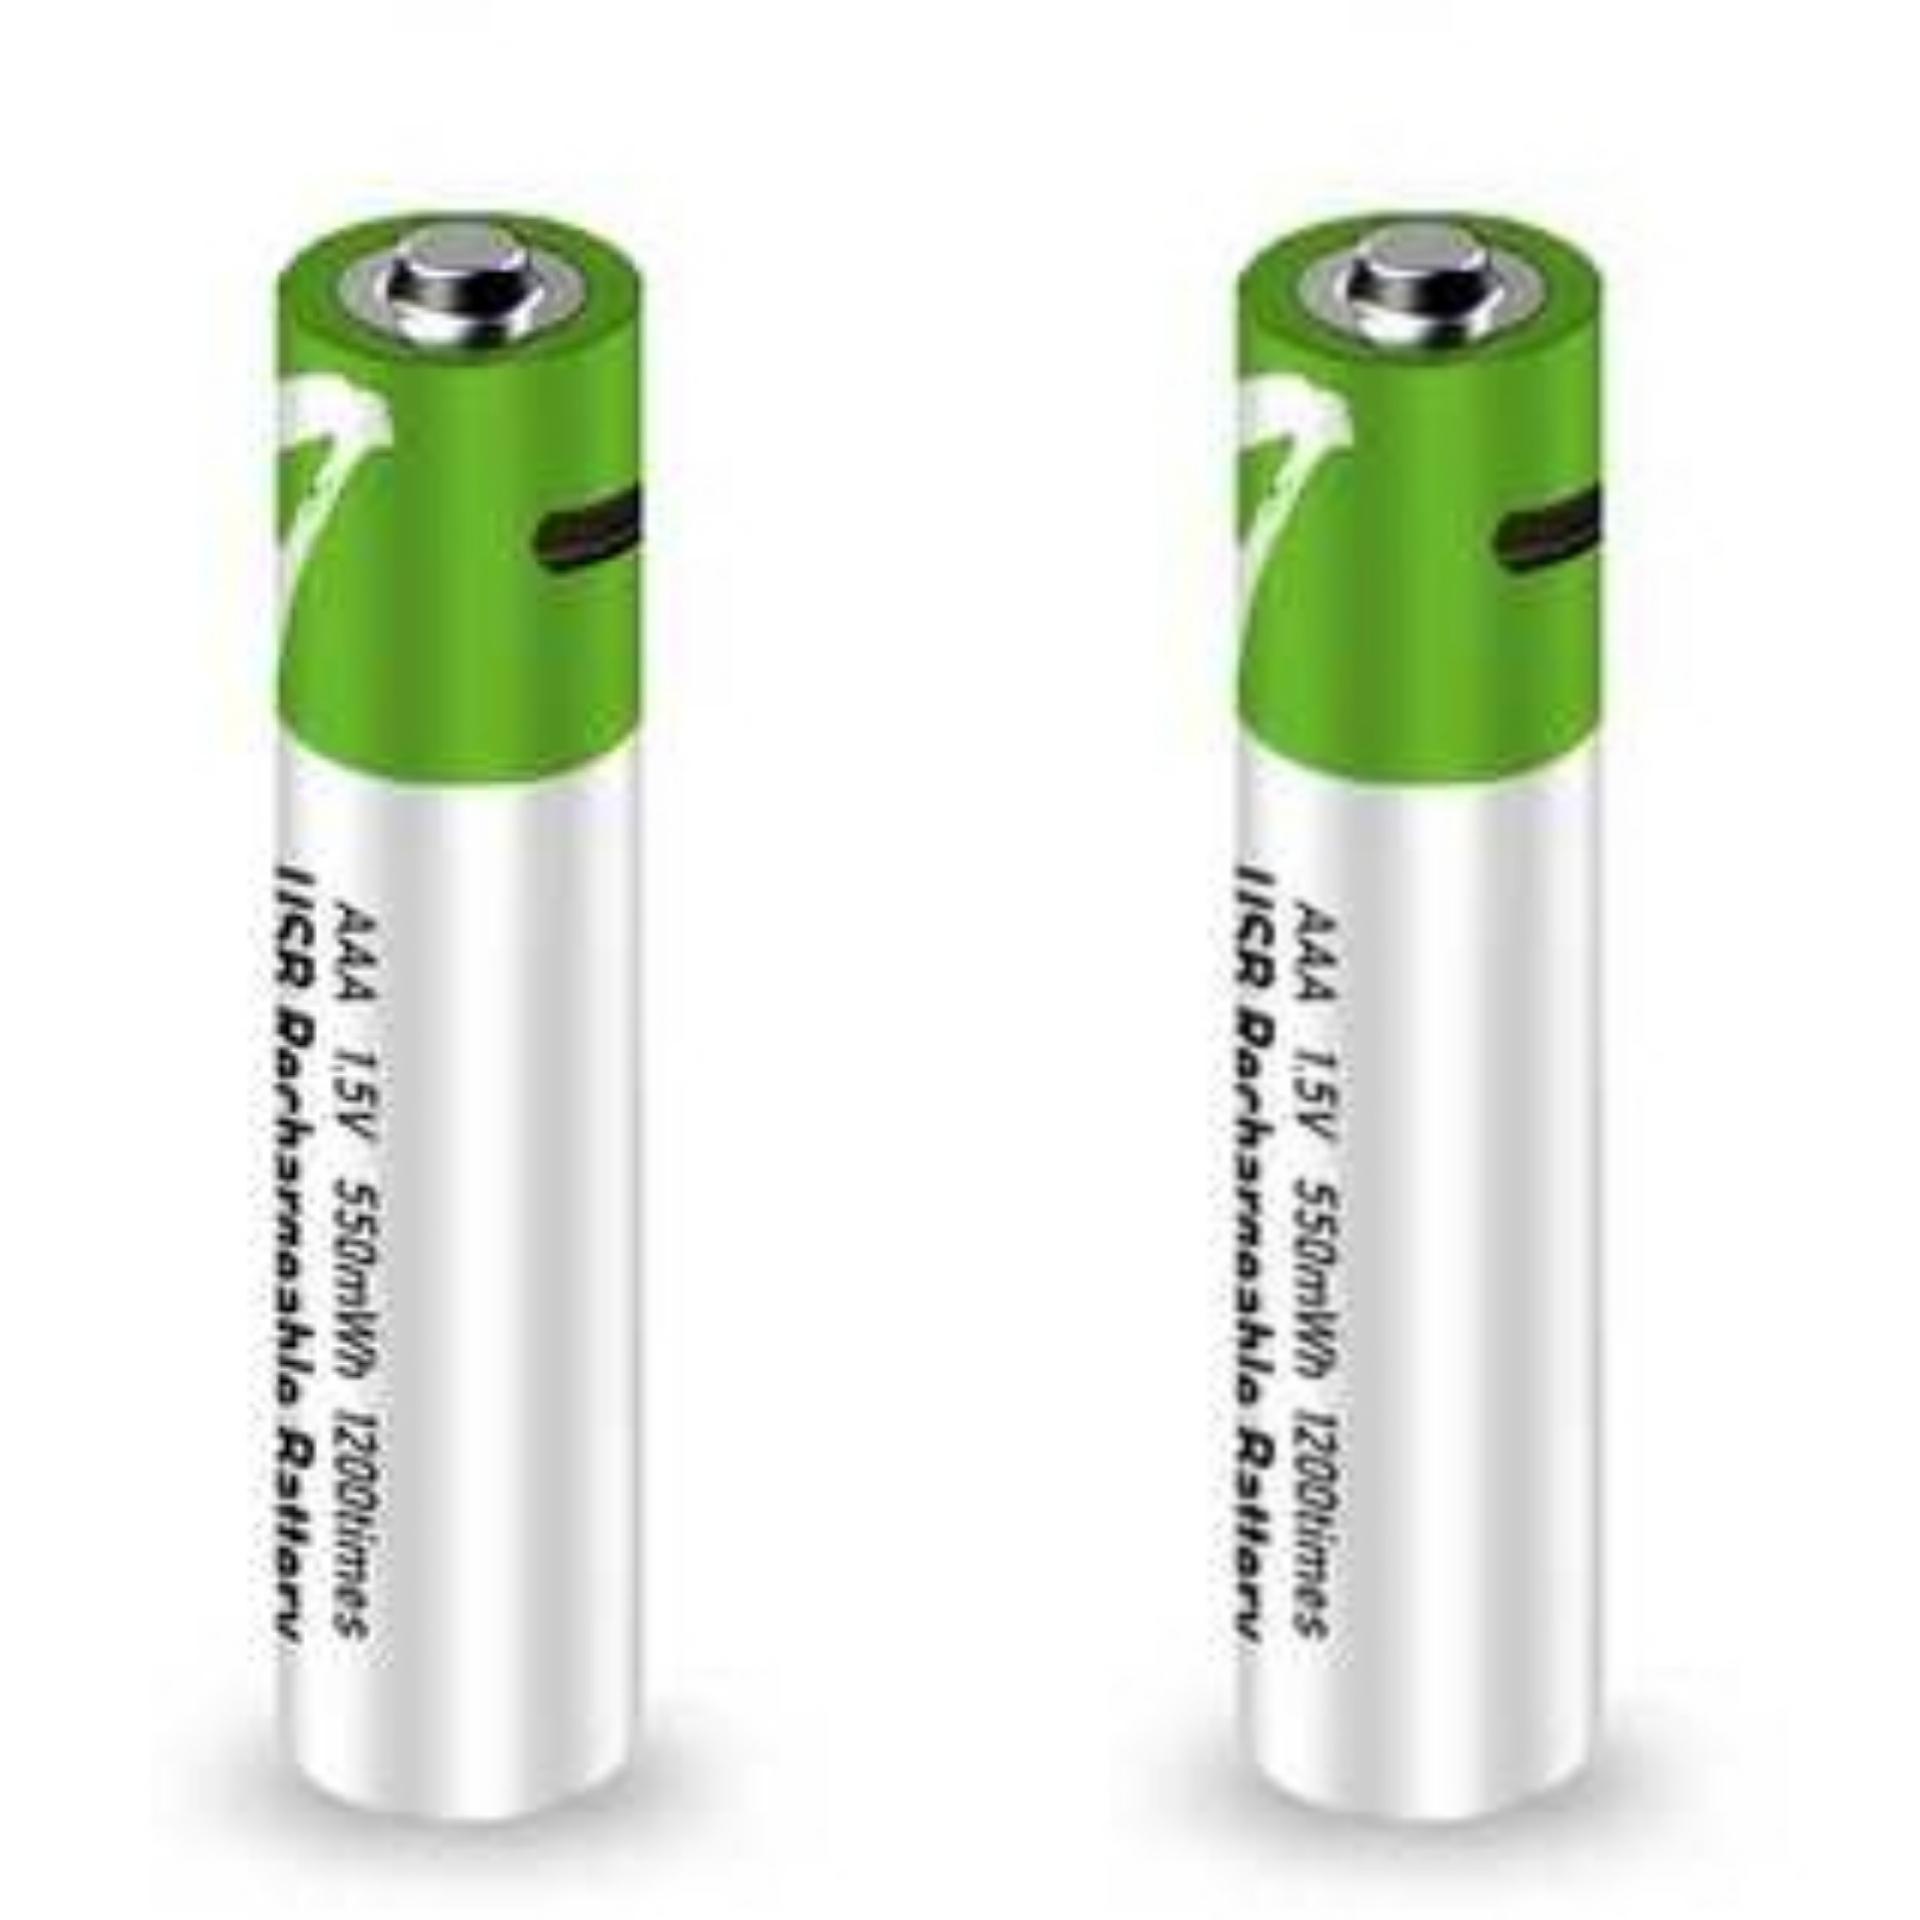 باتری نیم قلمی قابل شارژ اسمارتولز مدل H1  بسته ۲ عددی